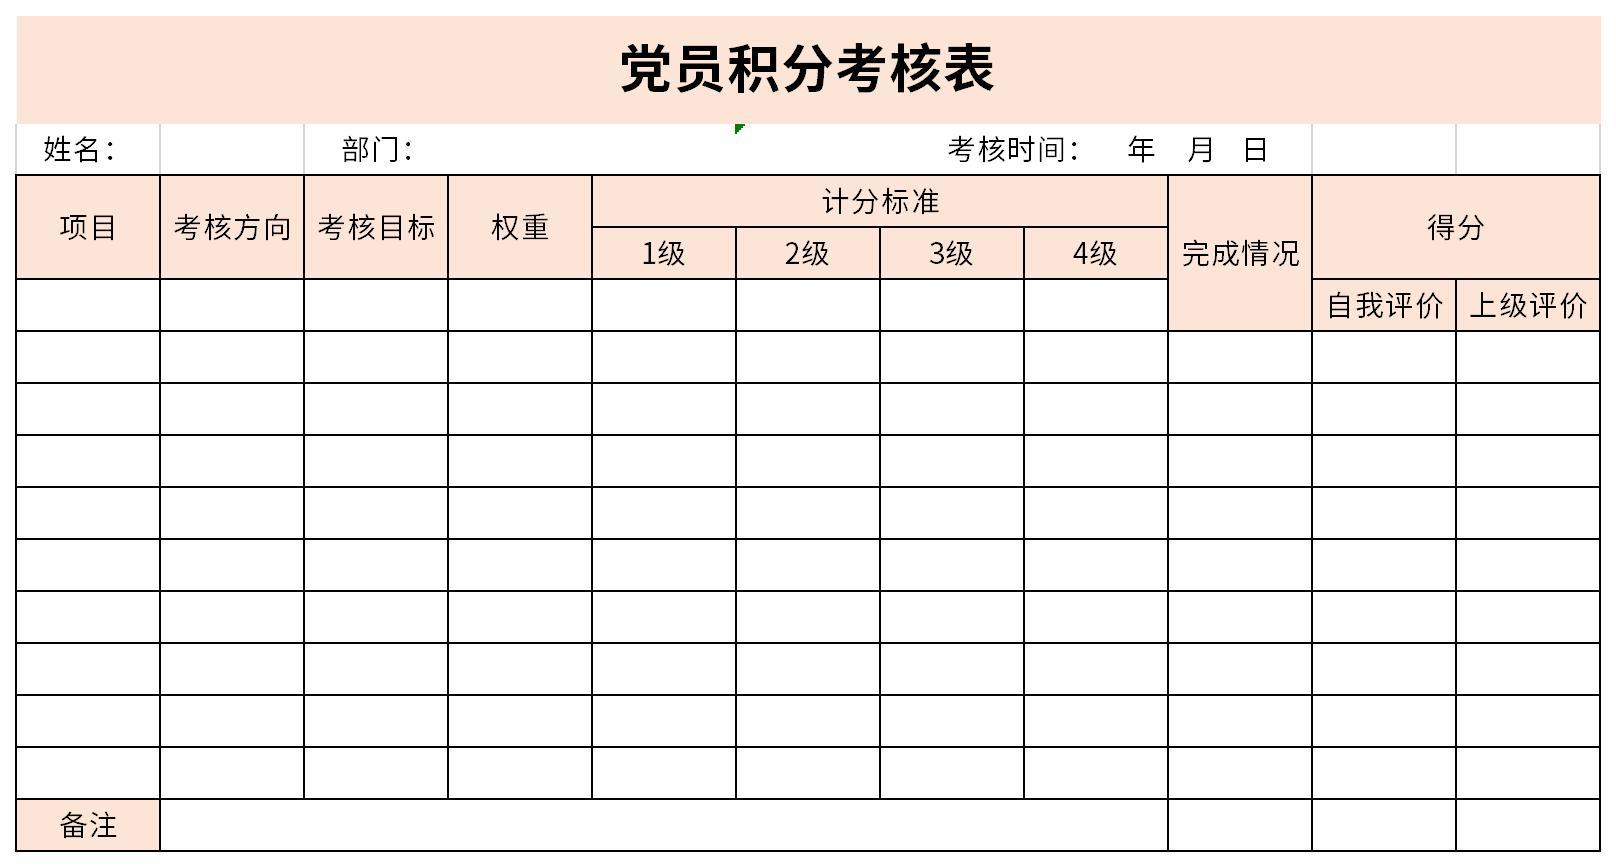 党员积分考核表截图